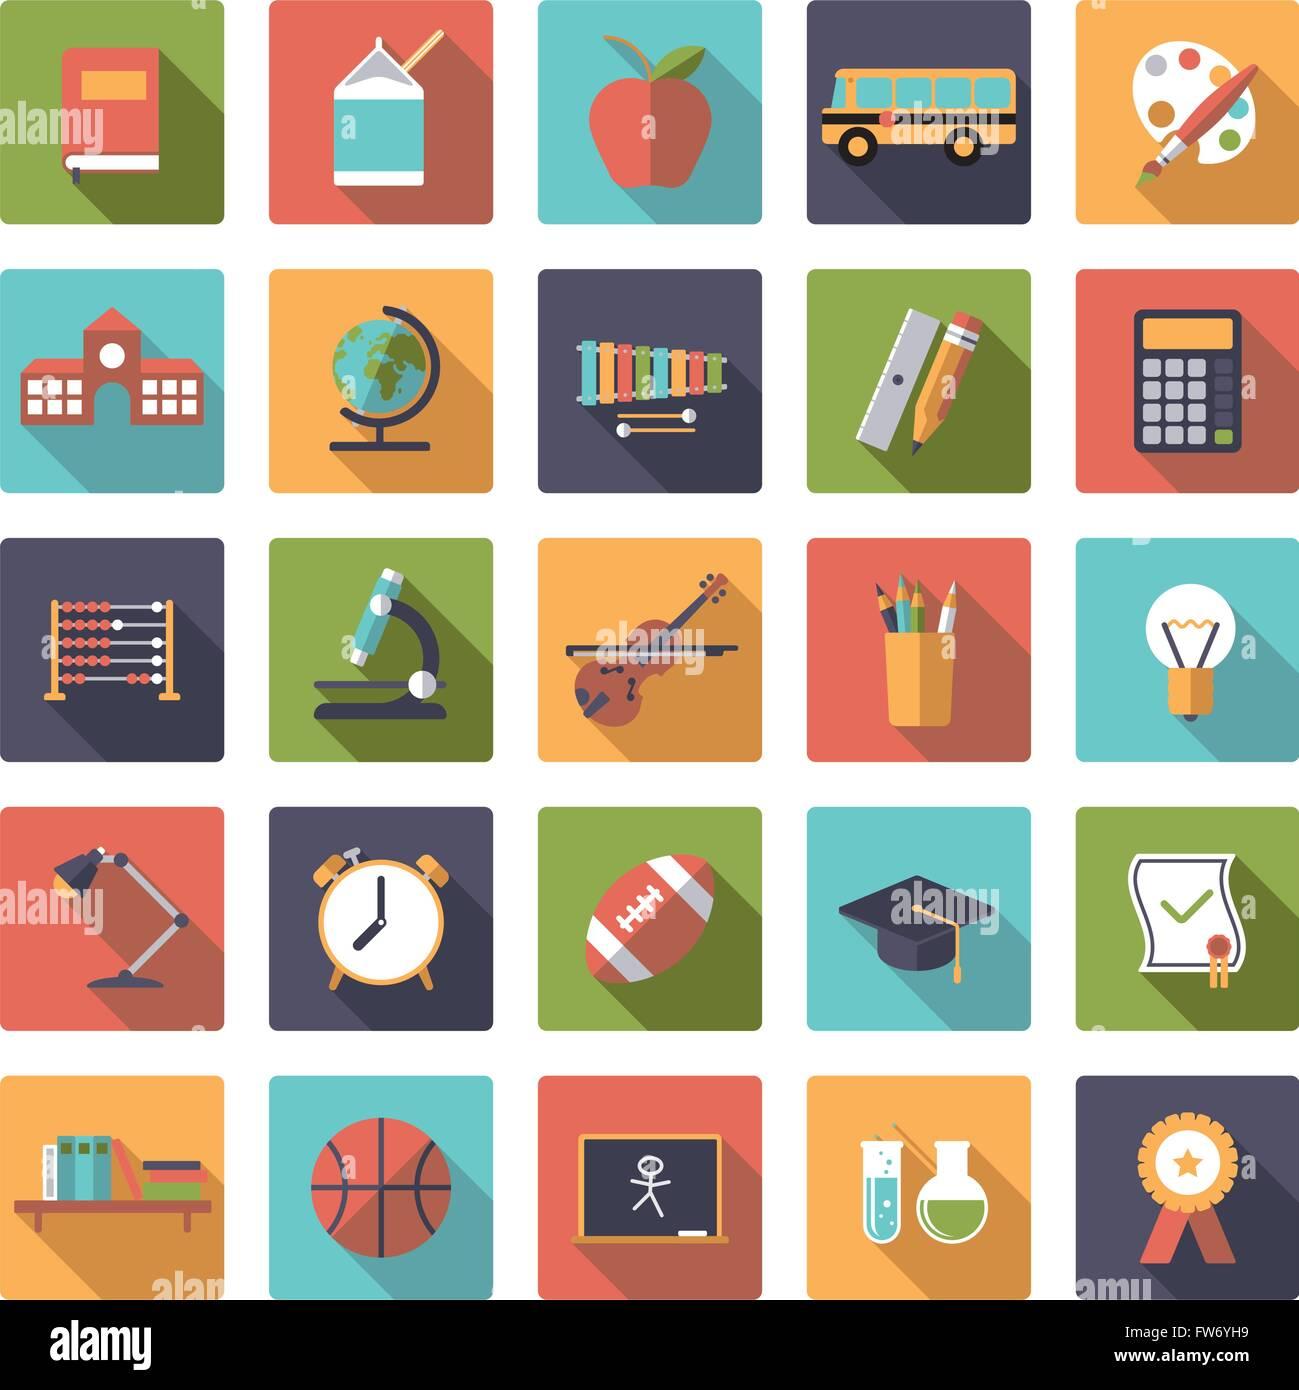 Bildung, Schule, Hochschule und Universität bezogene Ikonen in abgerundeten Quadrate, flache Bauform, lange Stockbild